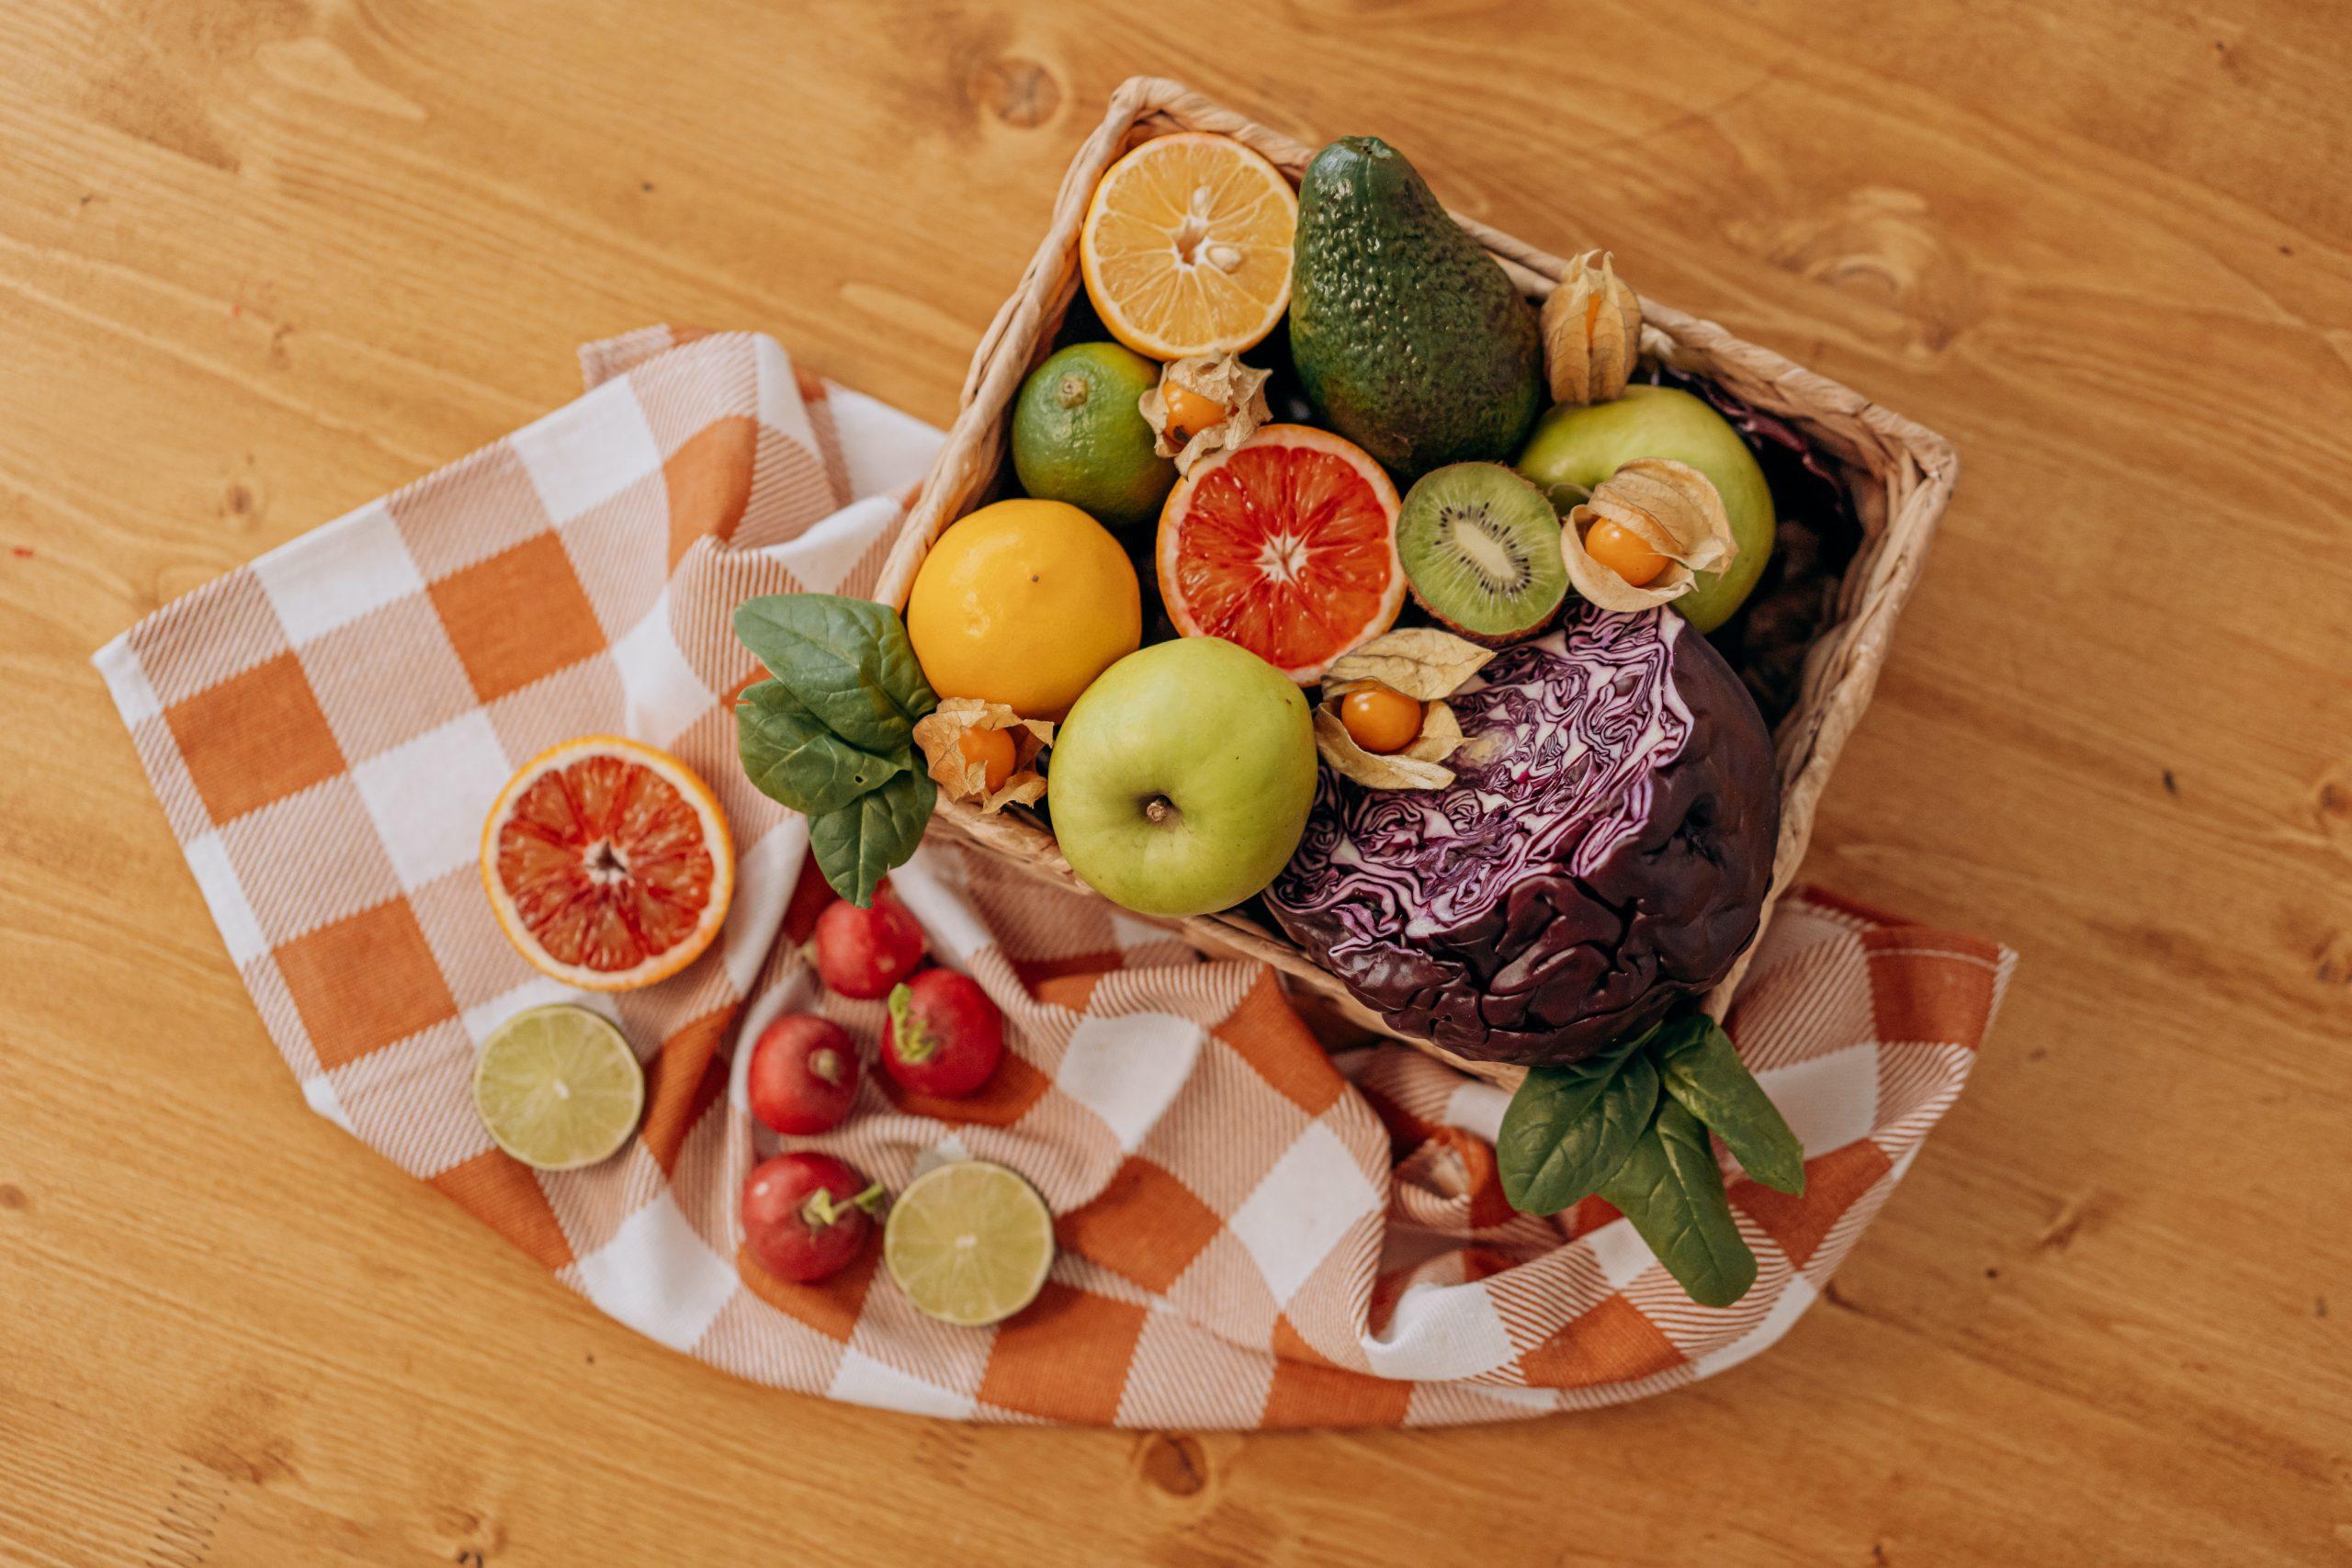 Dieta saludable: Medidas para evitar enfermedades cardíacas